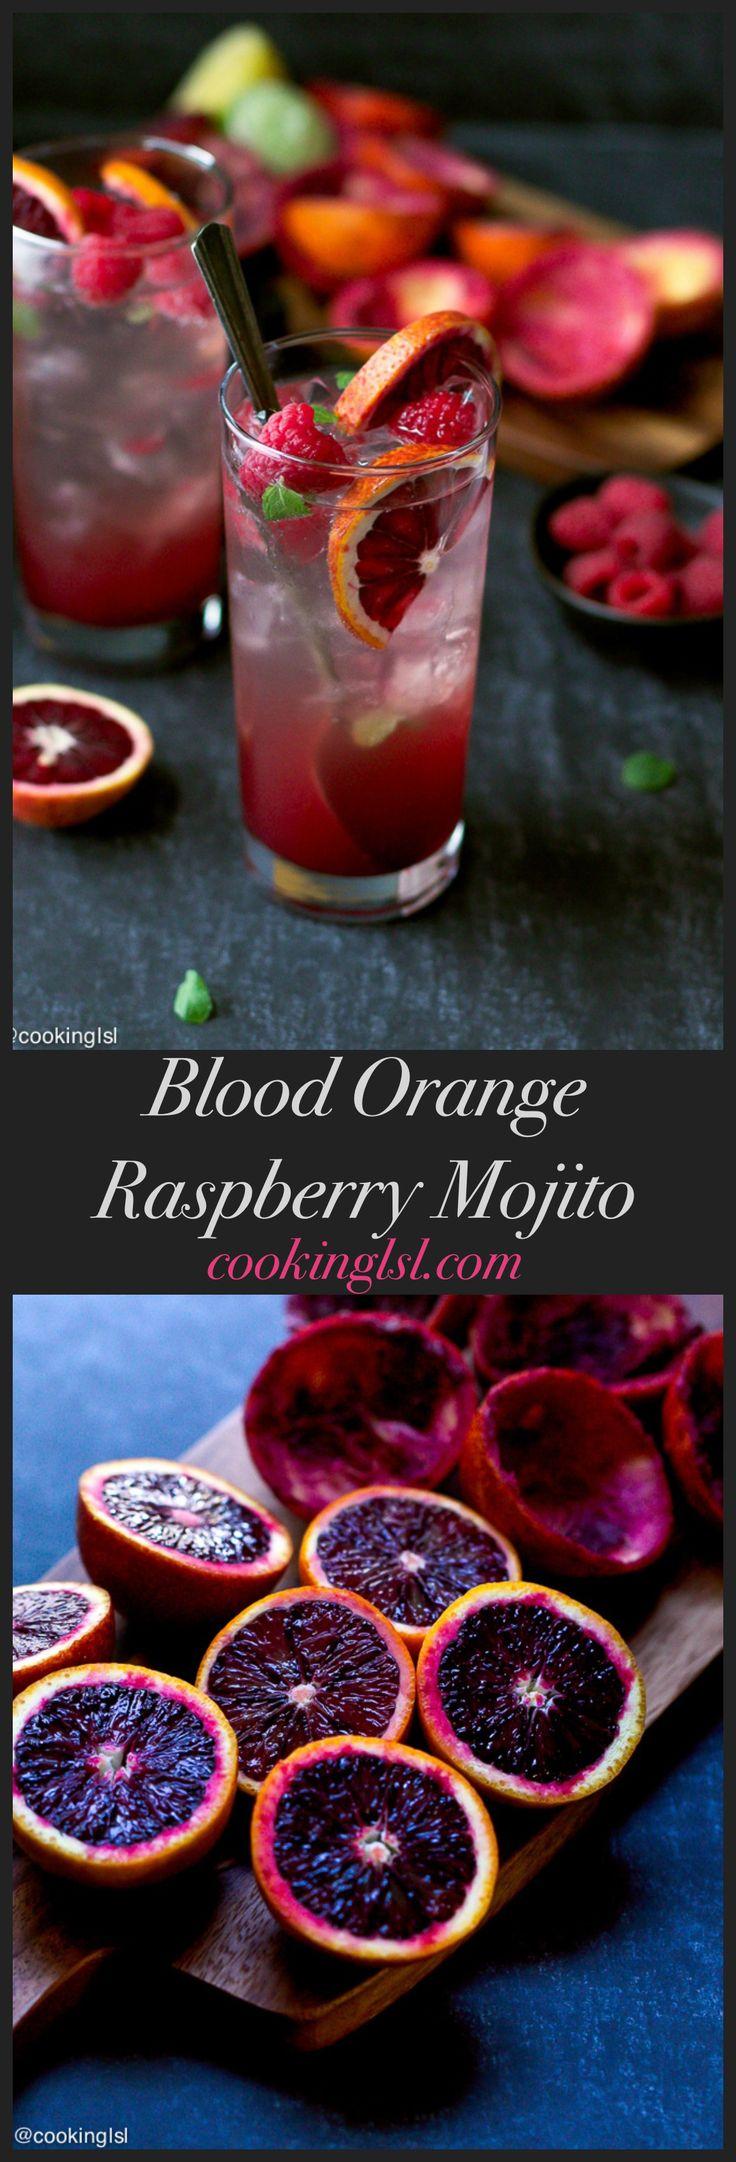 Blood Orange And Raspberry Mojito Recipe -